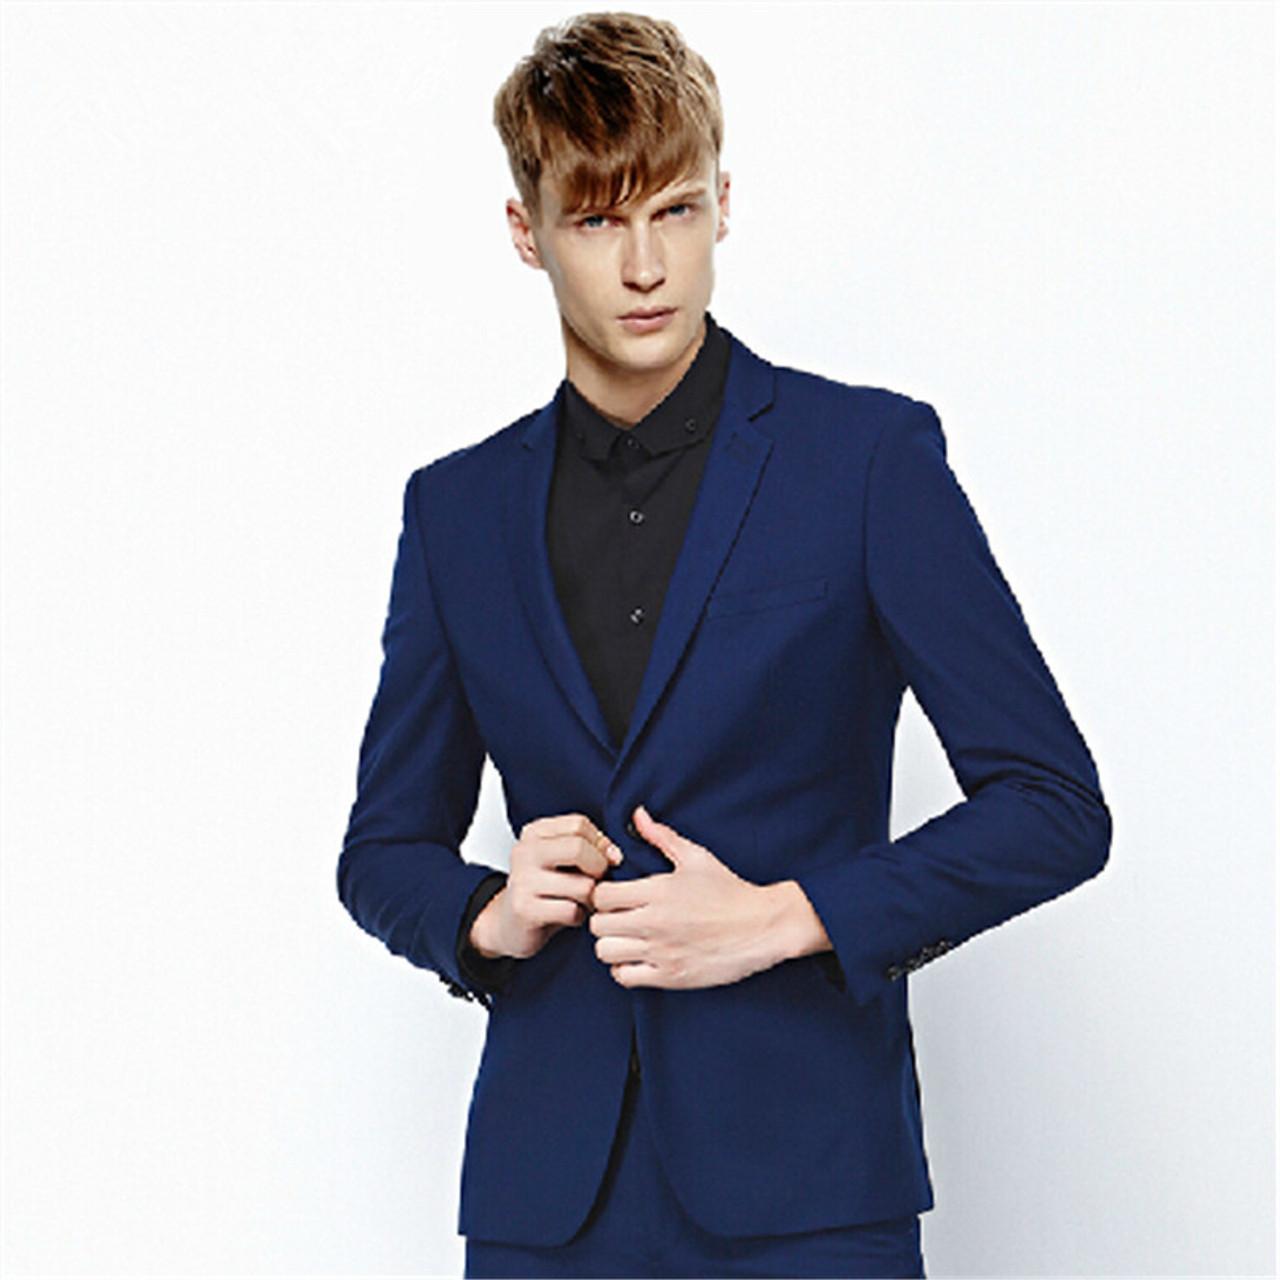 Men Fashion Suits Two Piece Cultivate One S Morality Spring Suits Men Leisure Suit Pure Color Men Fashion Suits Jacket Pants Onshopdeals Com